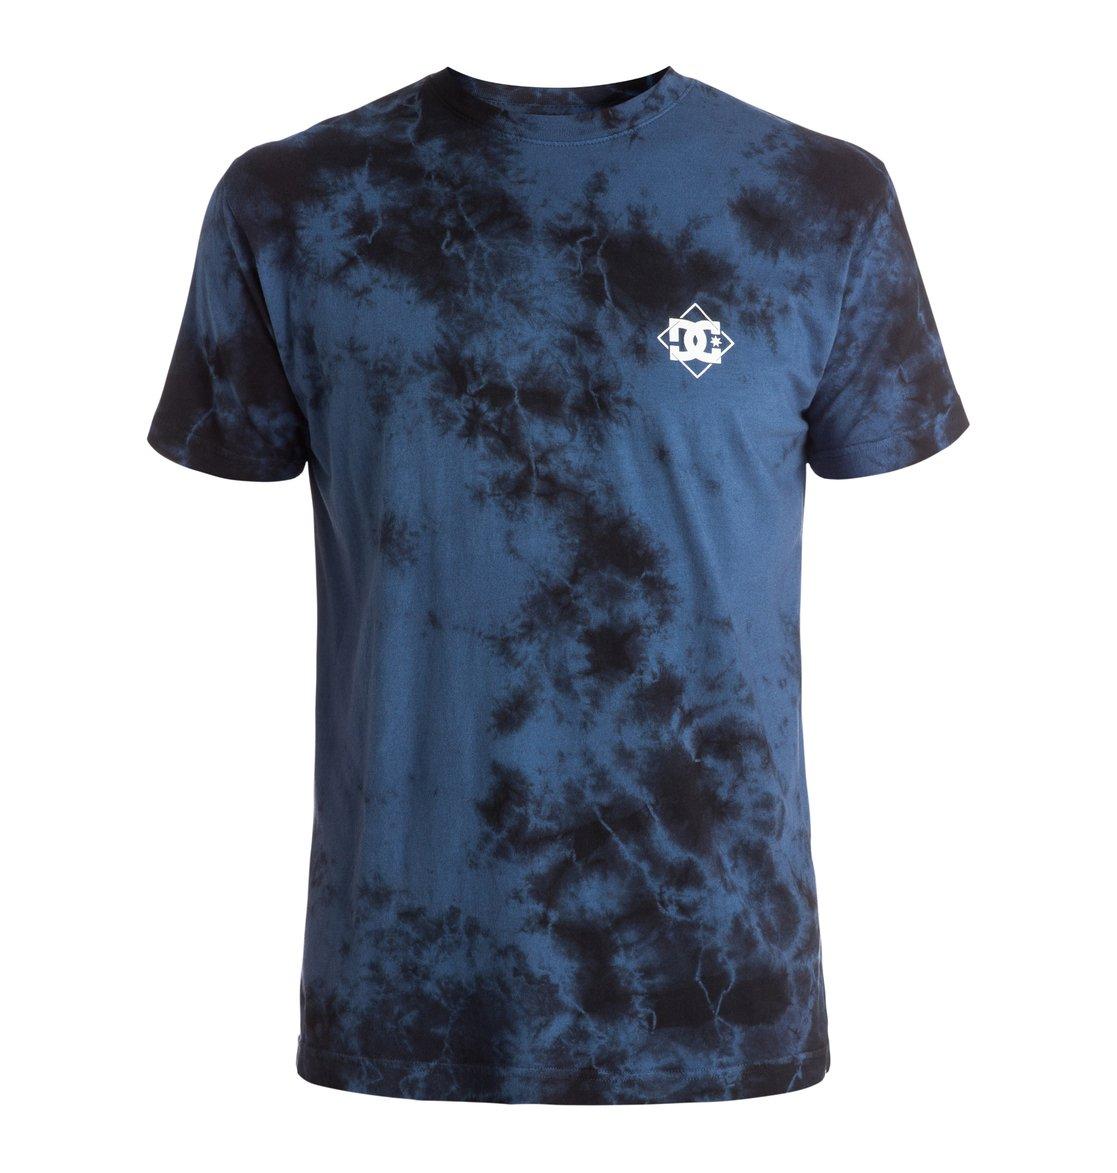 Acid Star - T-Shirt